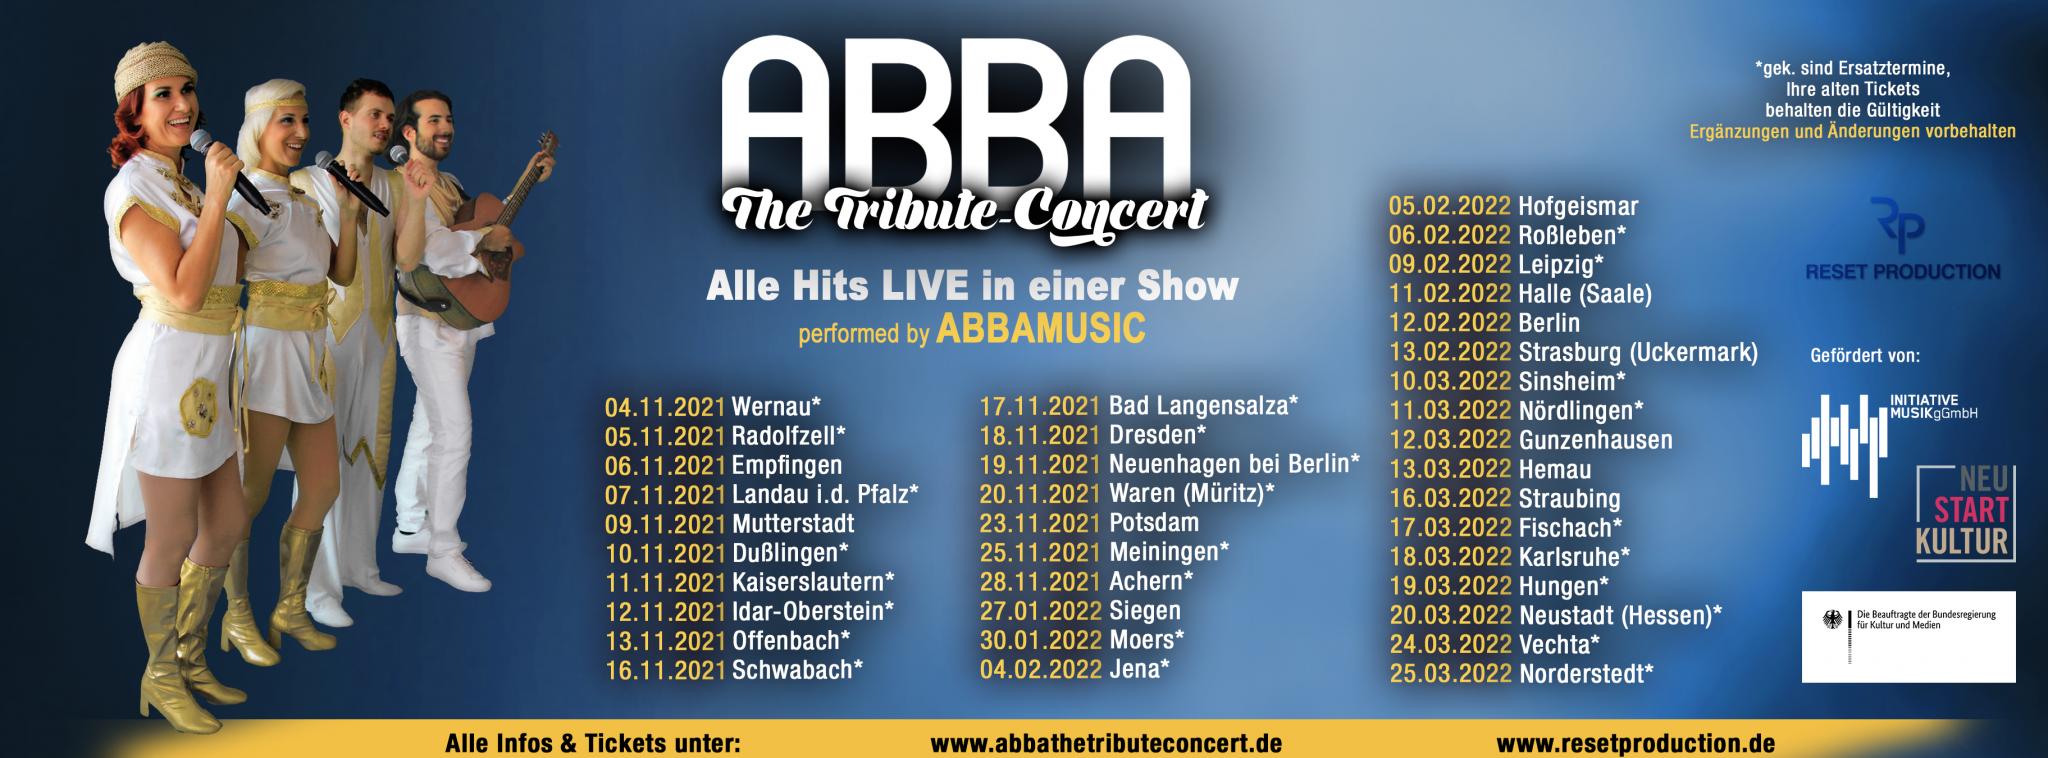 Titelbild_ABBA_alle-Termine_2021-2022